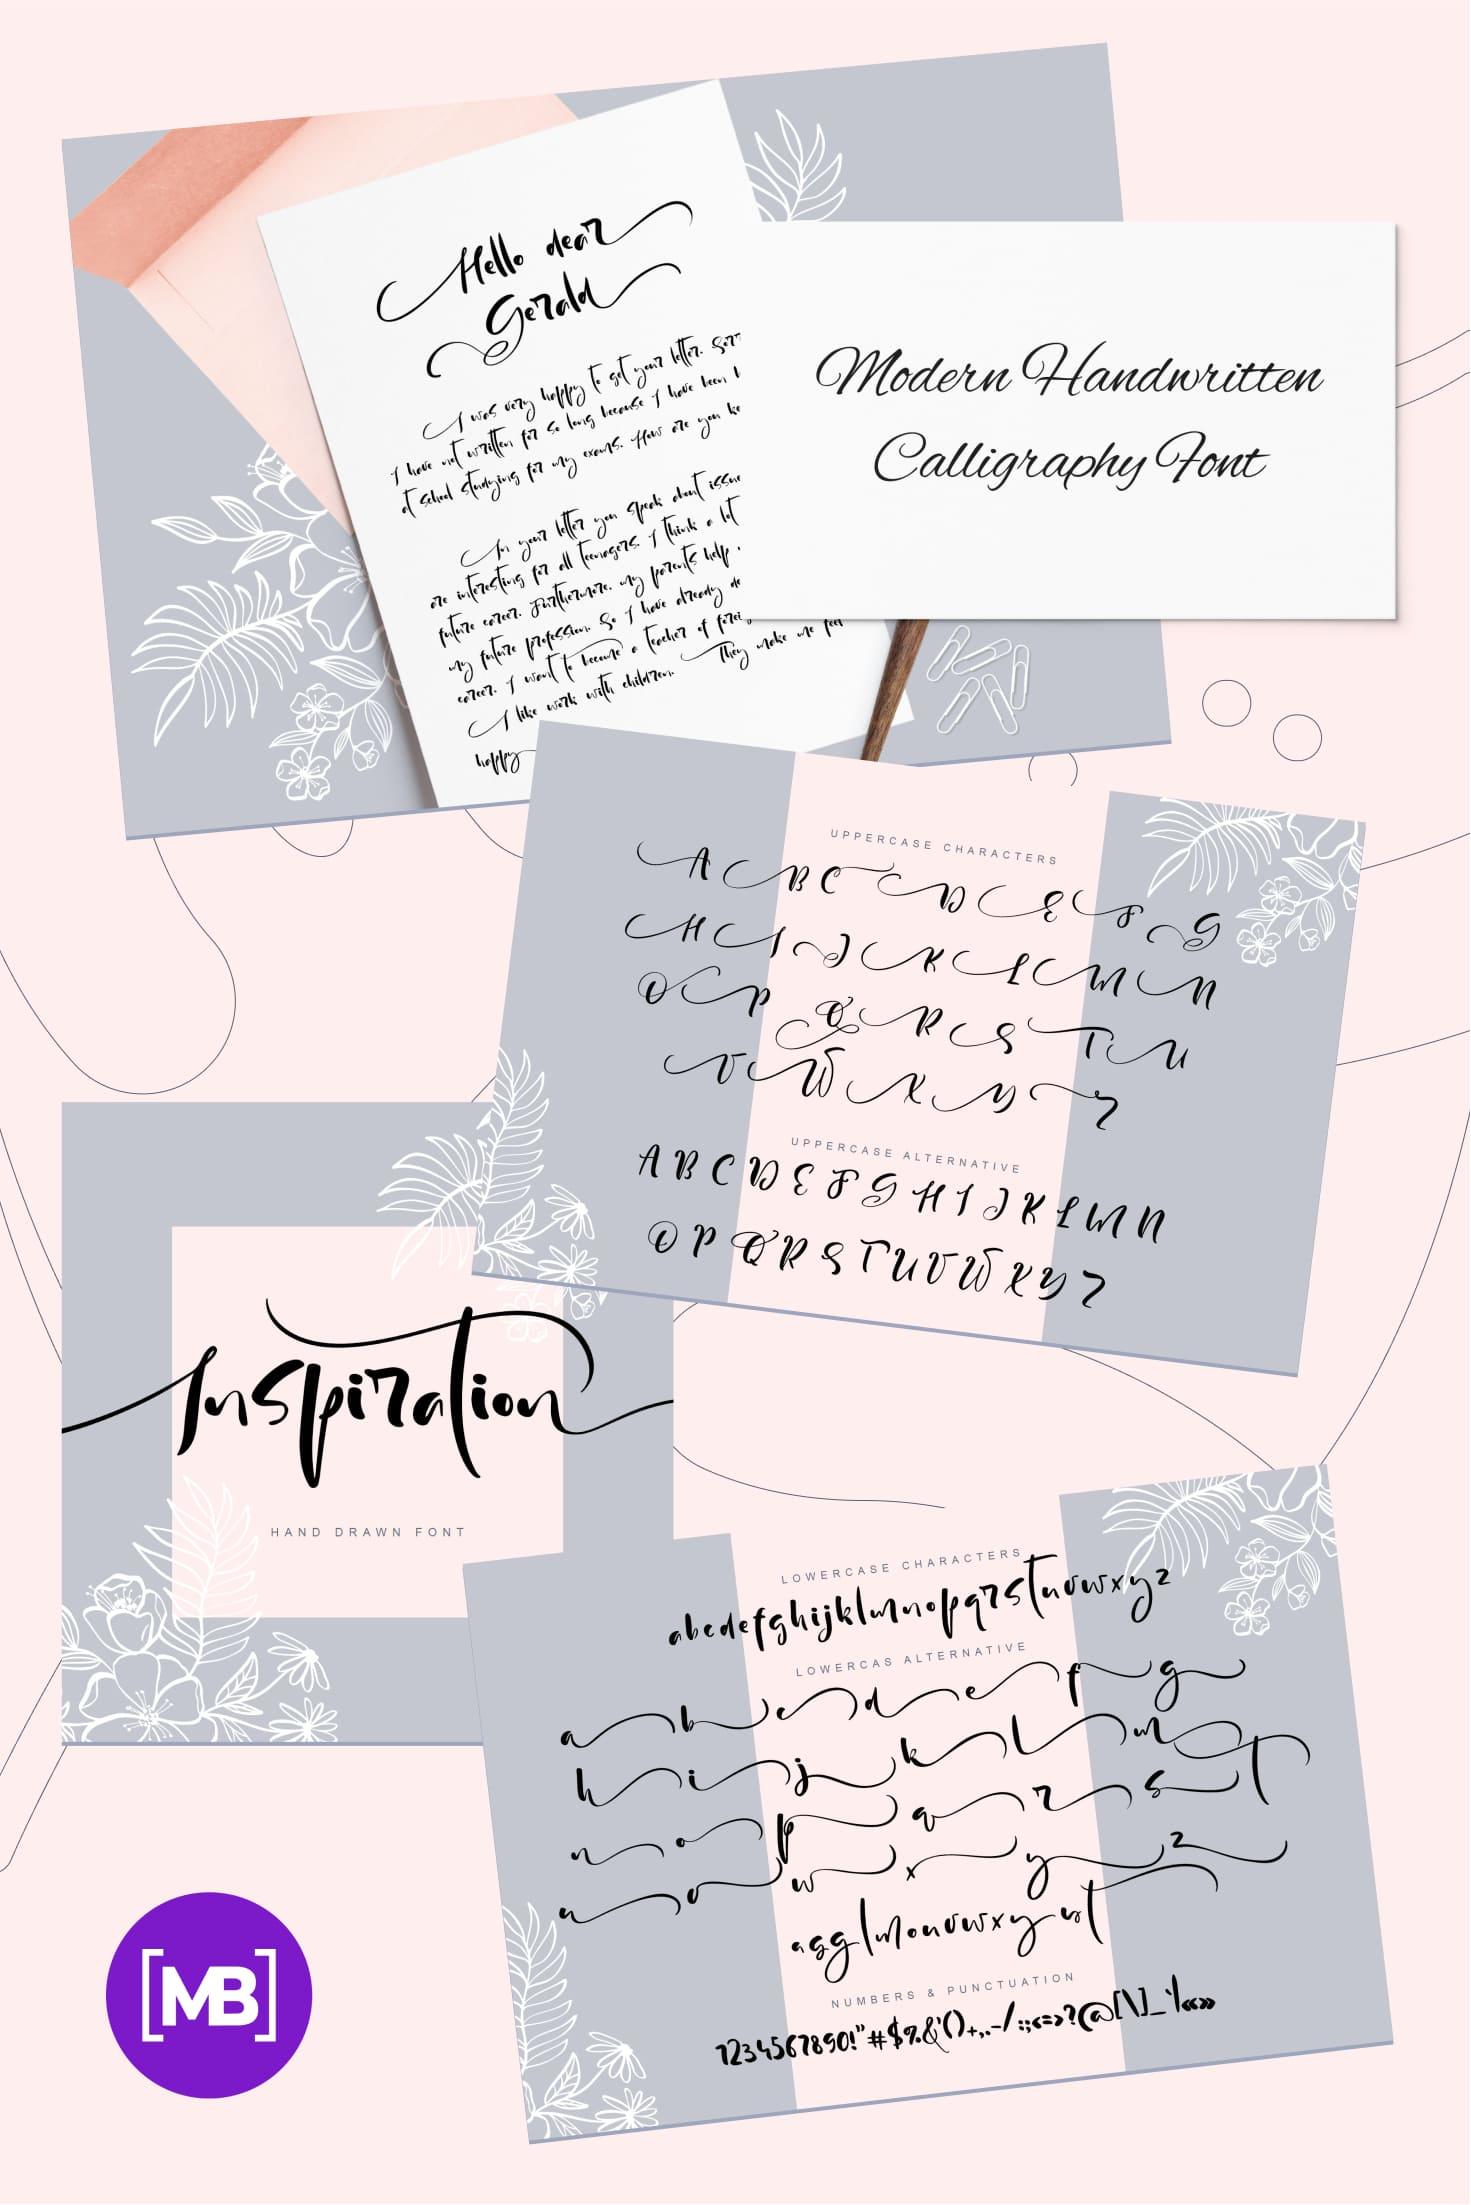 Pinterest Image: Modern Handwritten Calligraphy Font.